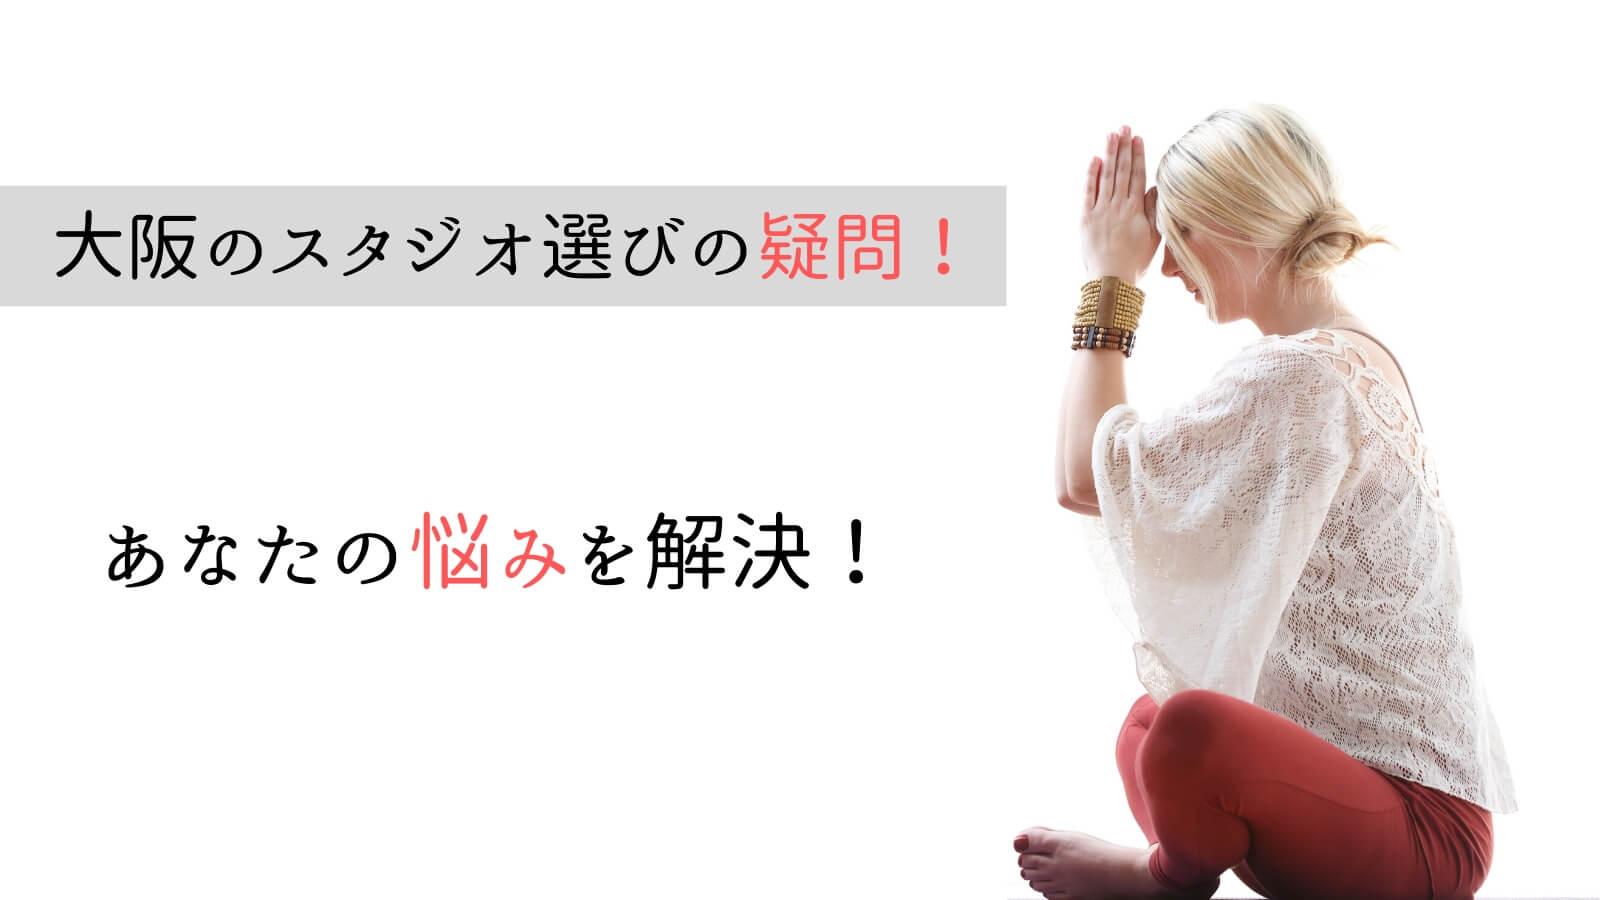 大阪でのホットヨガスタジオ選びに関するQ&A